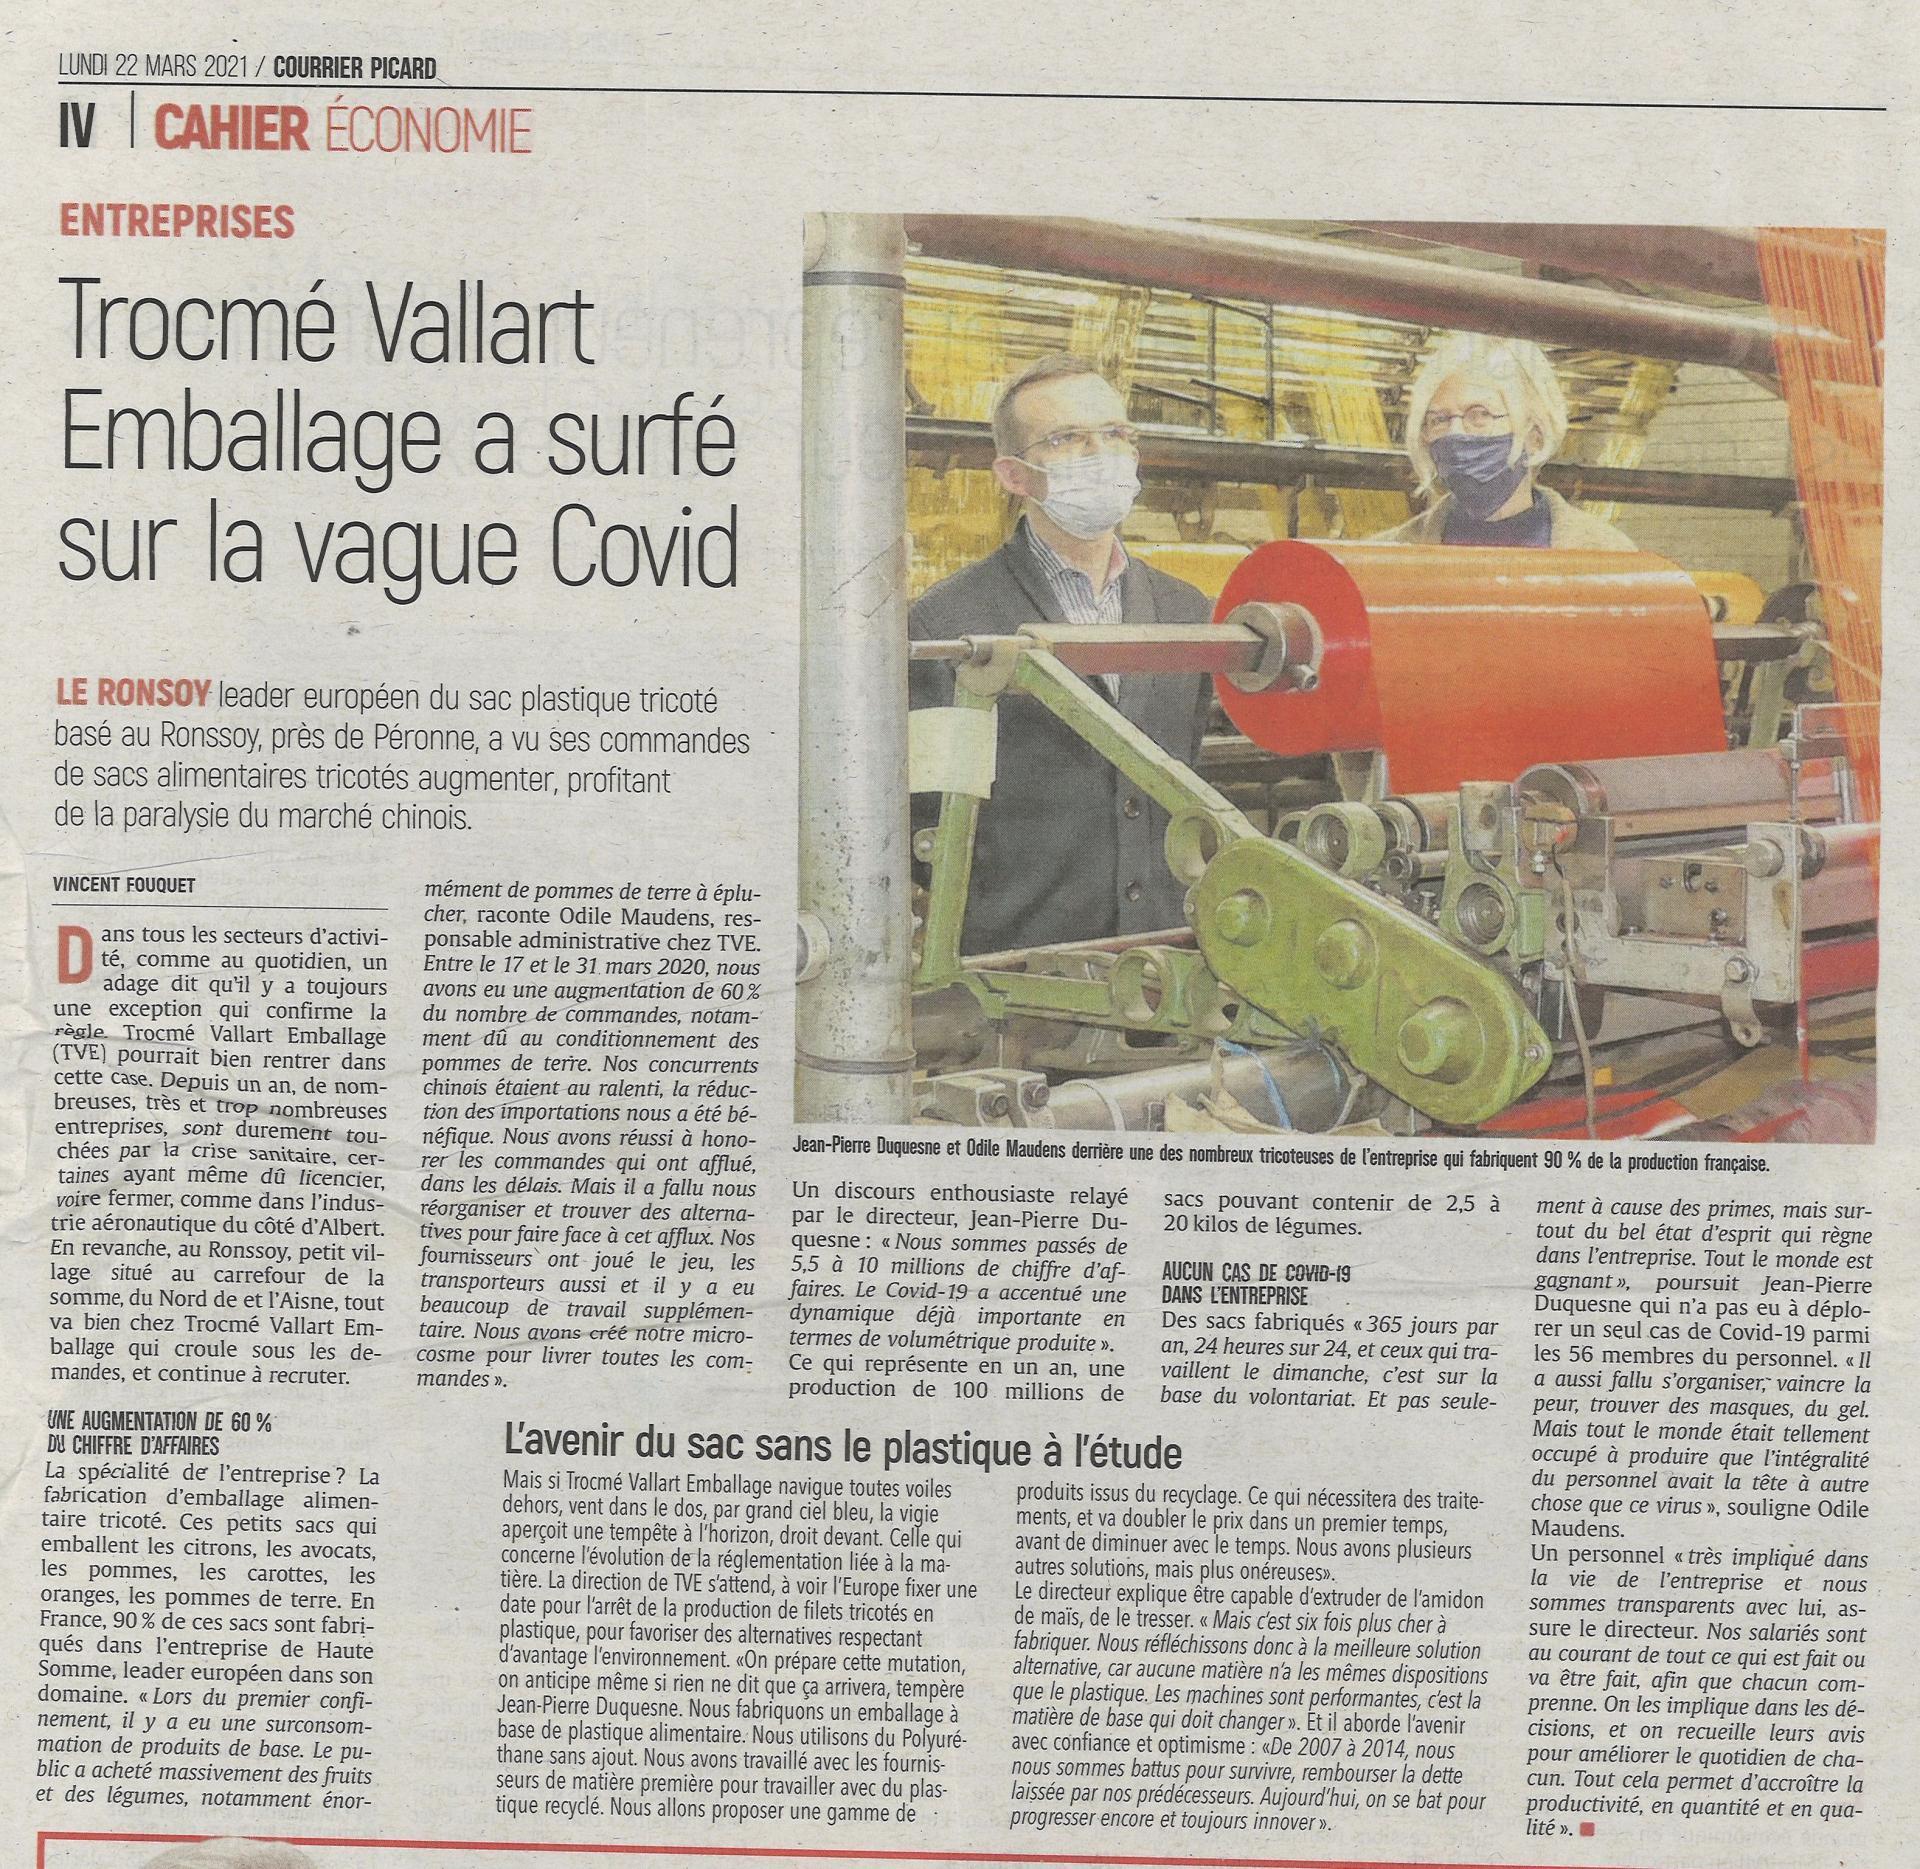 Tve Article Le Courrier Picard 22 mars 2021